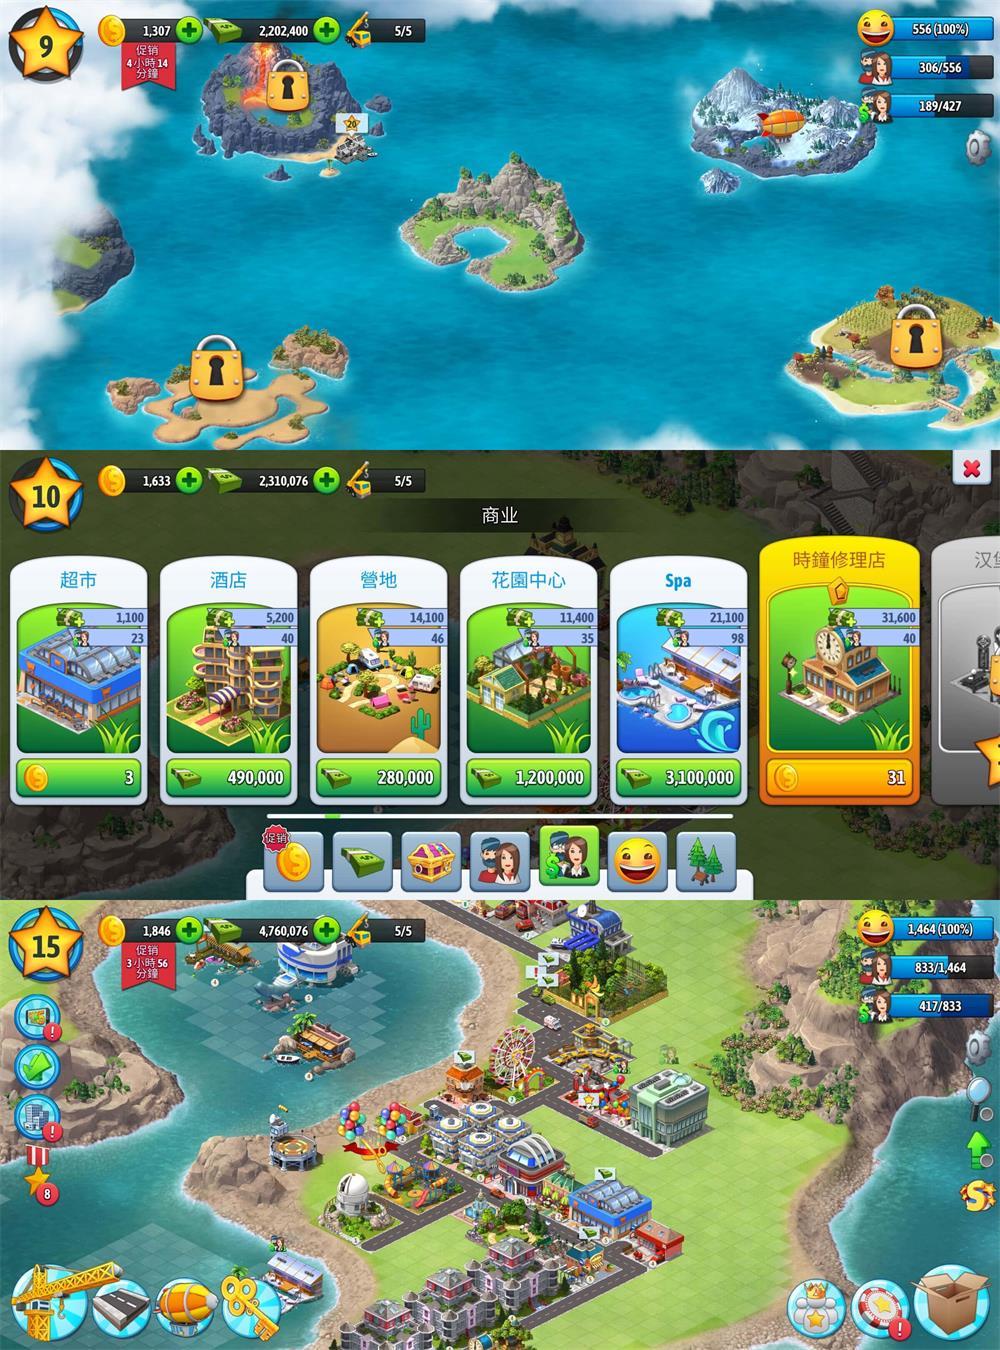 模拟大亨城市建造游戏 岛屿城市5